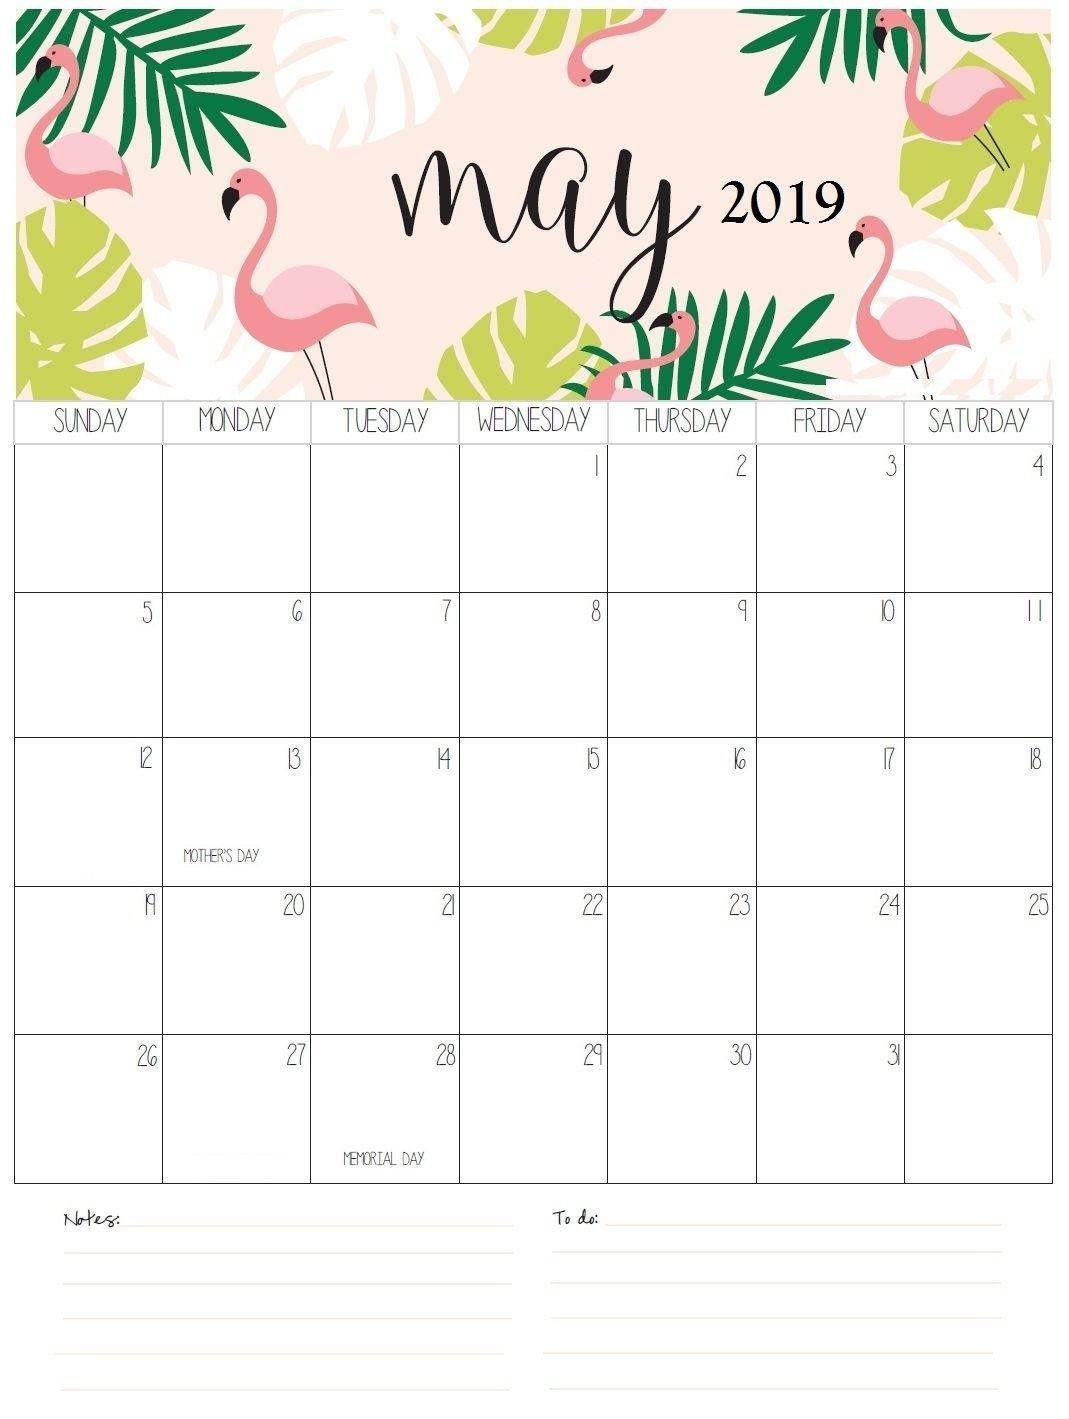 Download May 2019 Printable Calendar Template Free Printablemay 2019 Cal U Calendar 2019